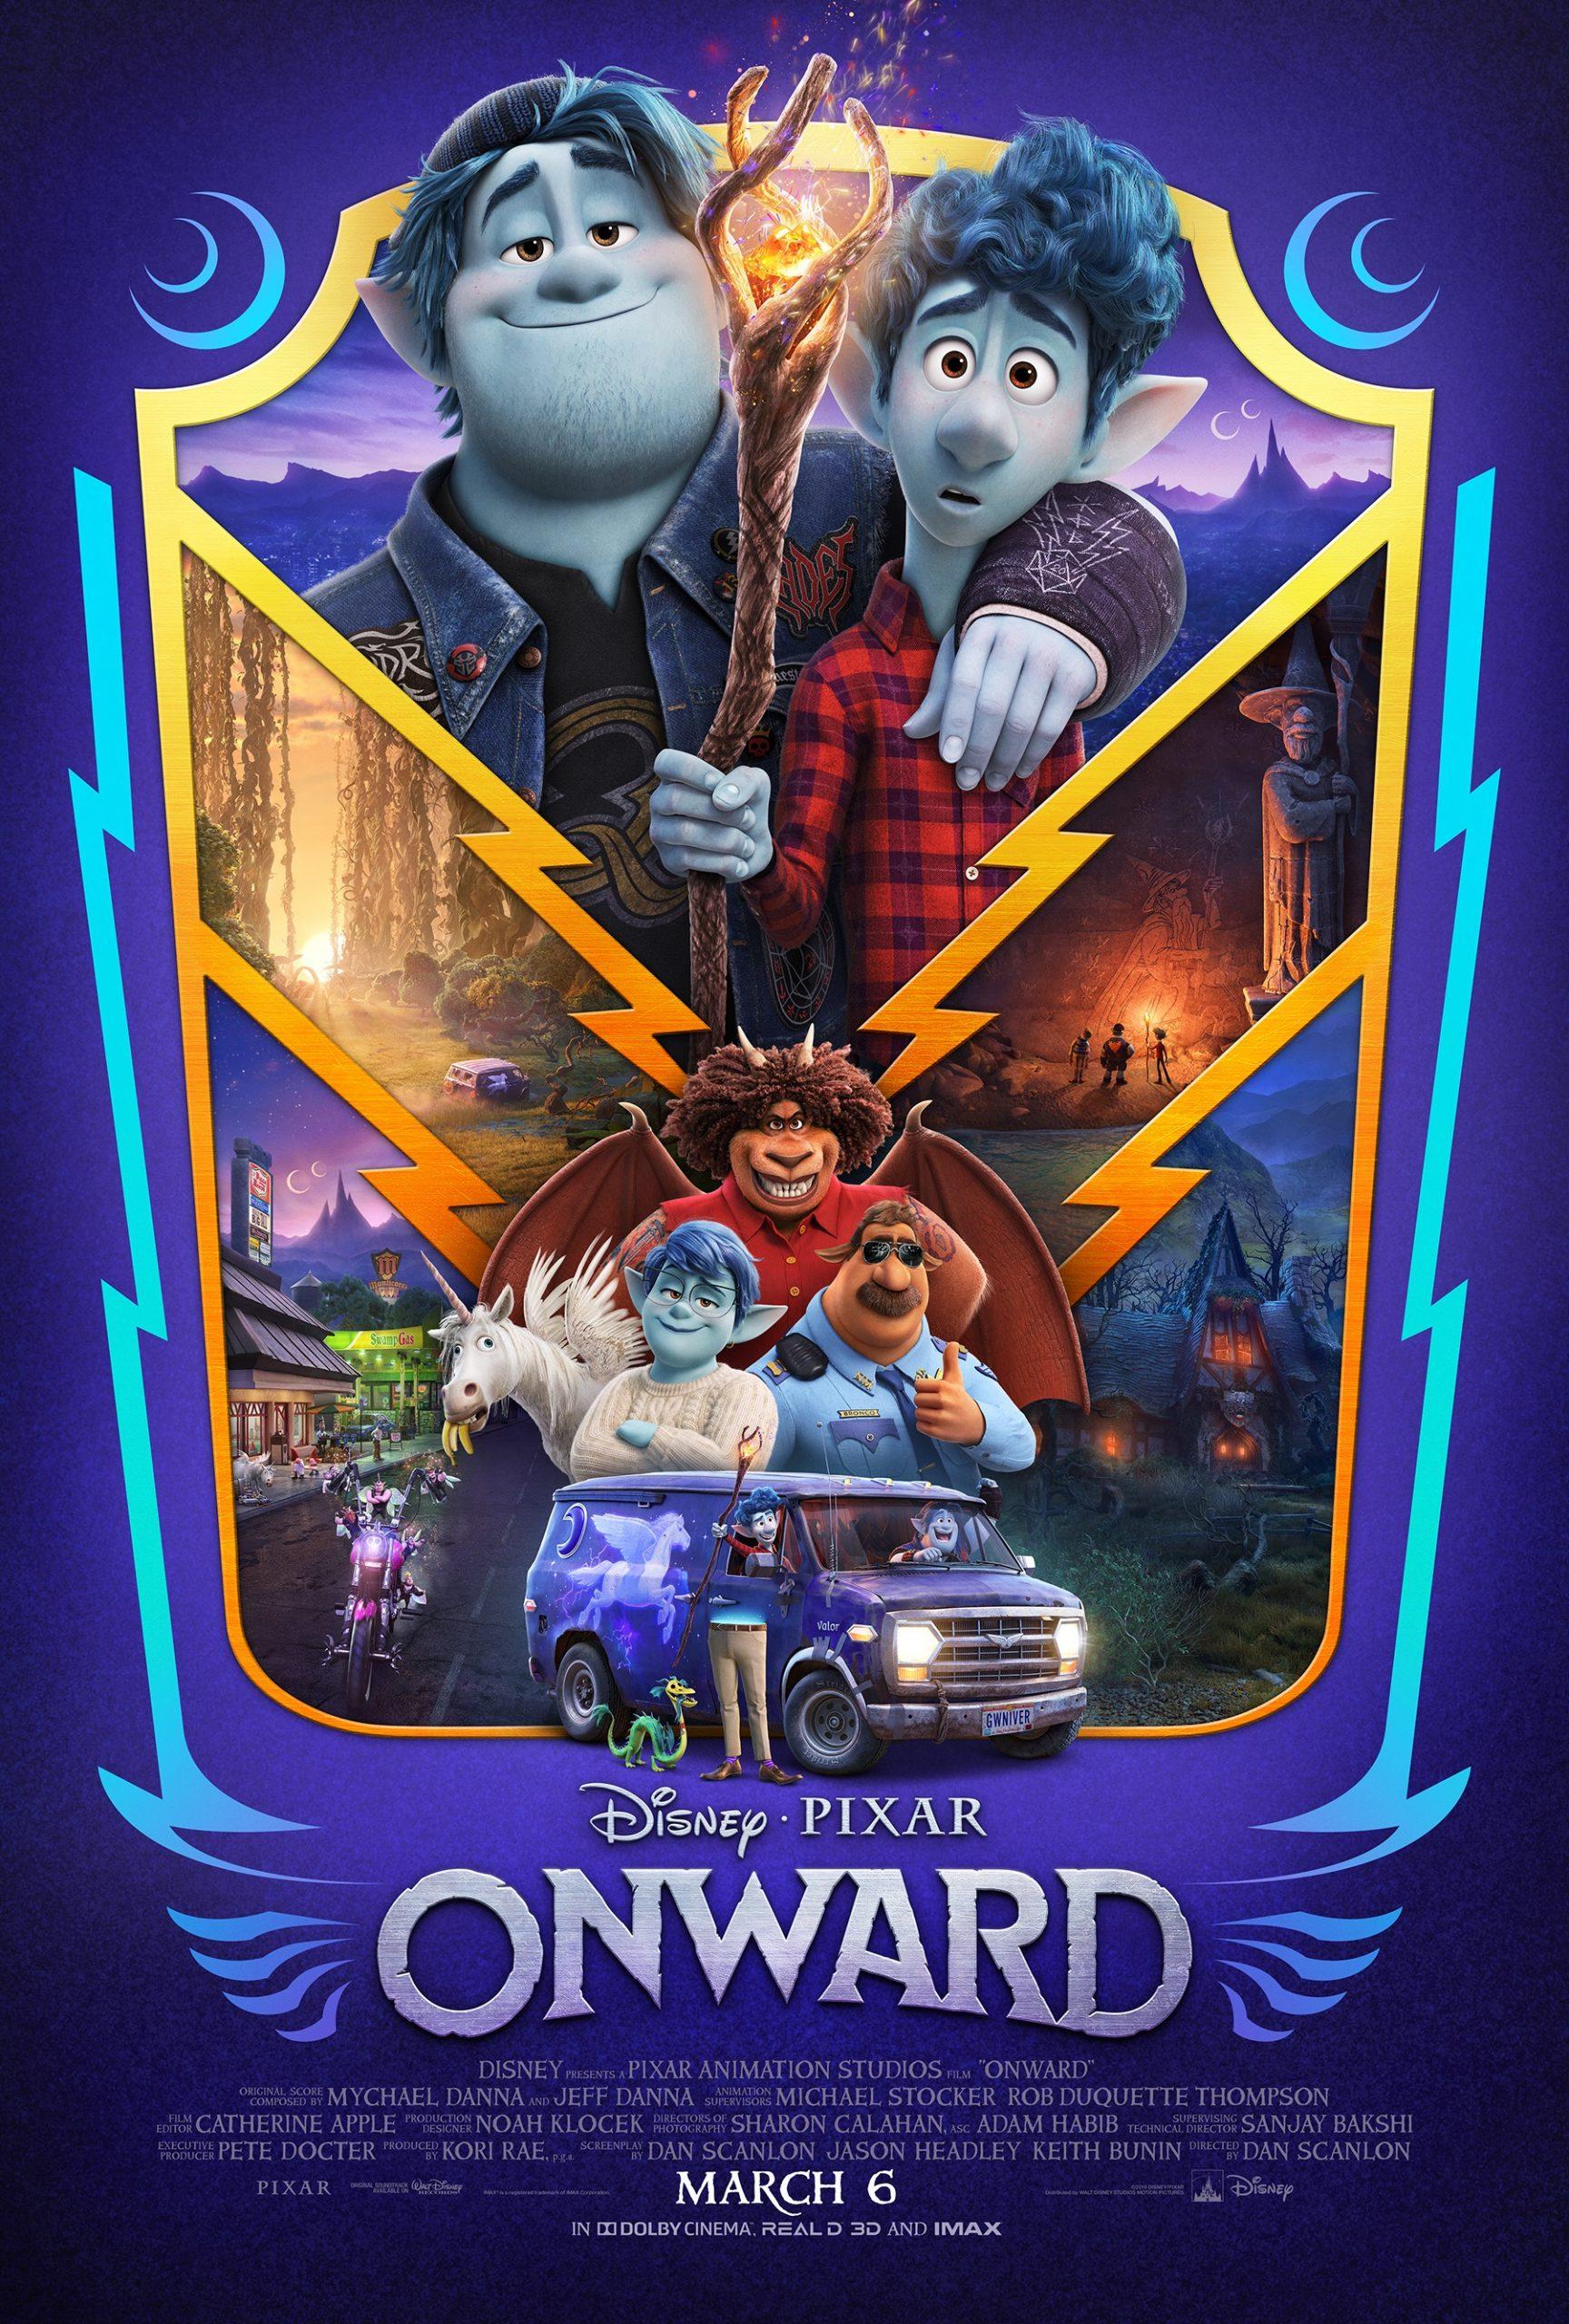 Disney pixar onward title poster